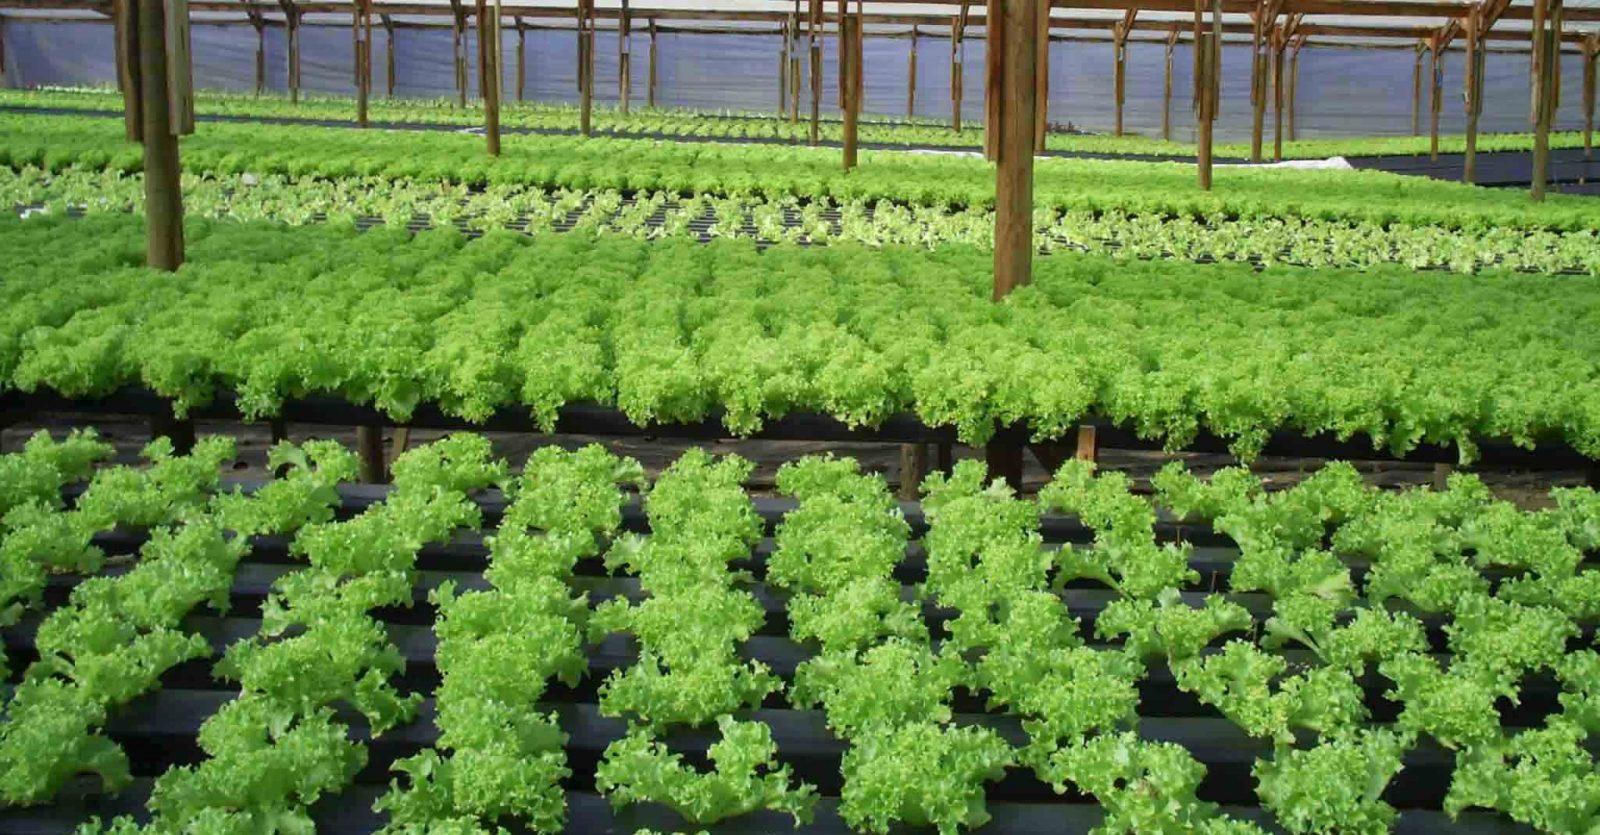 Que Es El Cultivo Hidroponico - Cultivo-hidroponicos